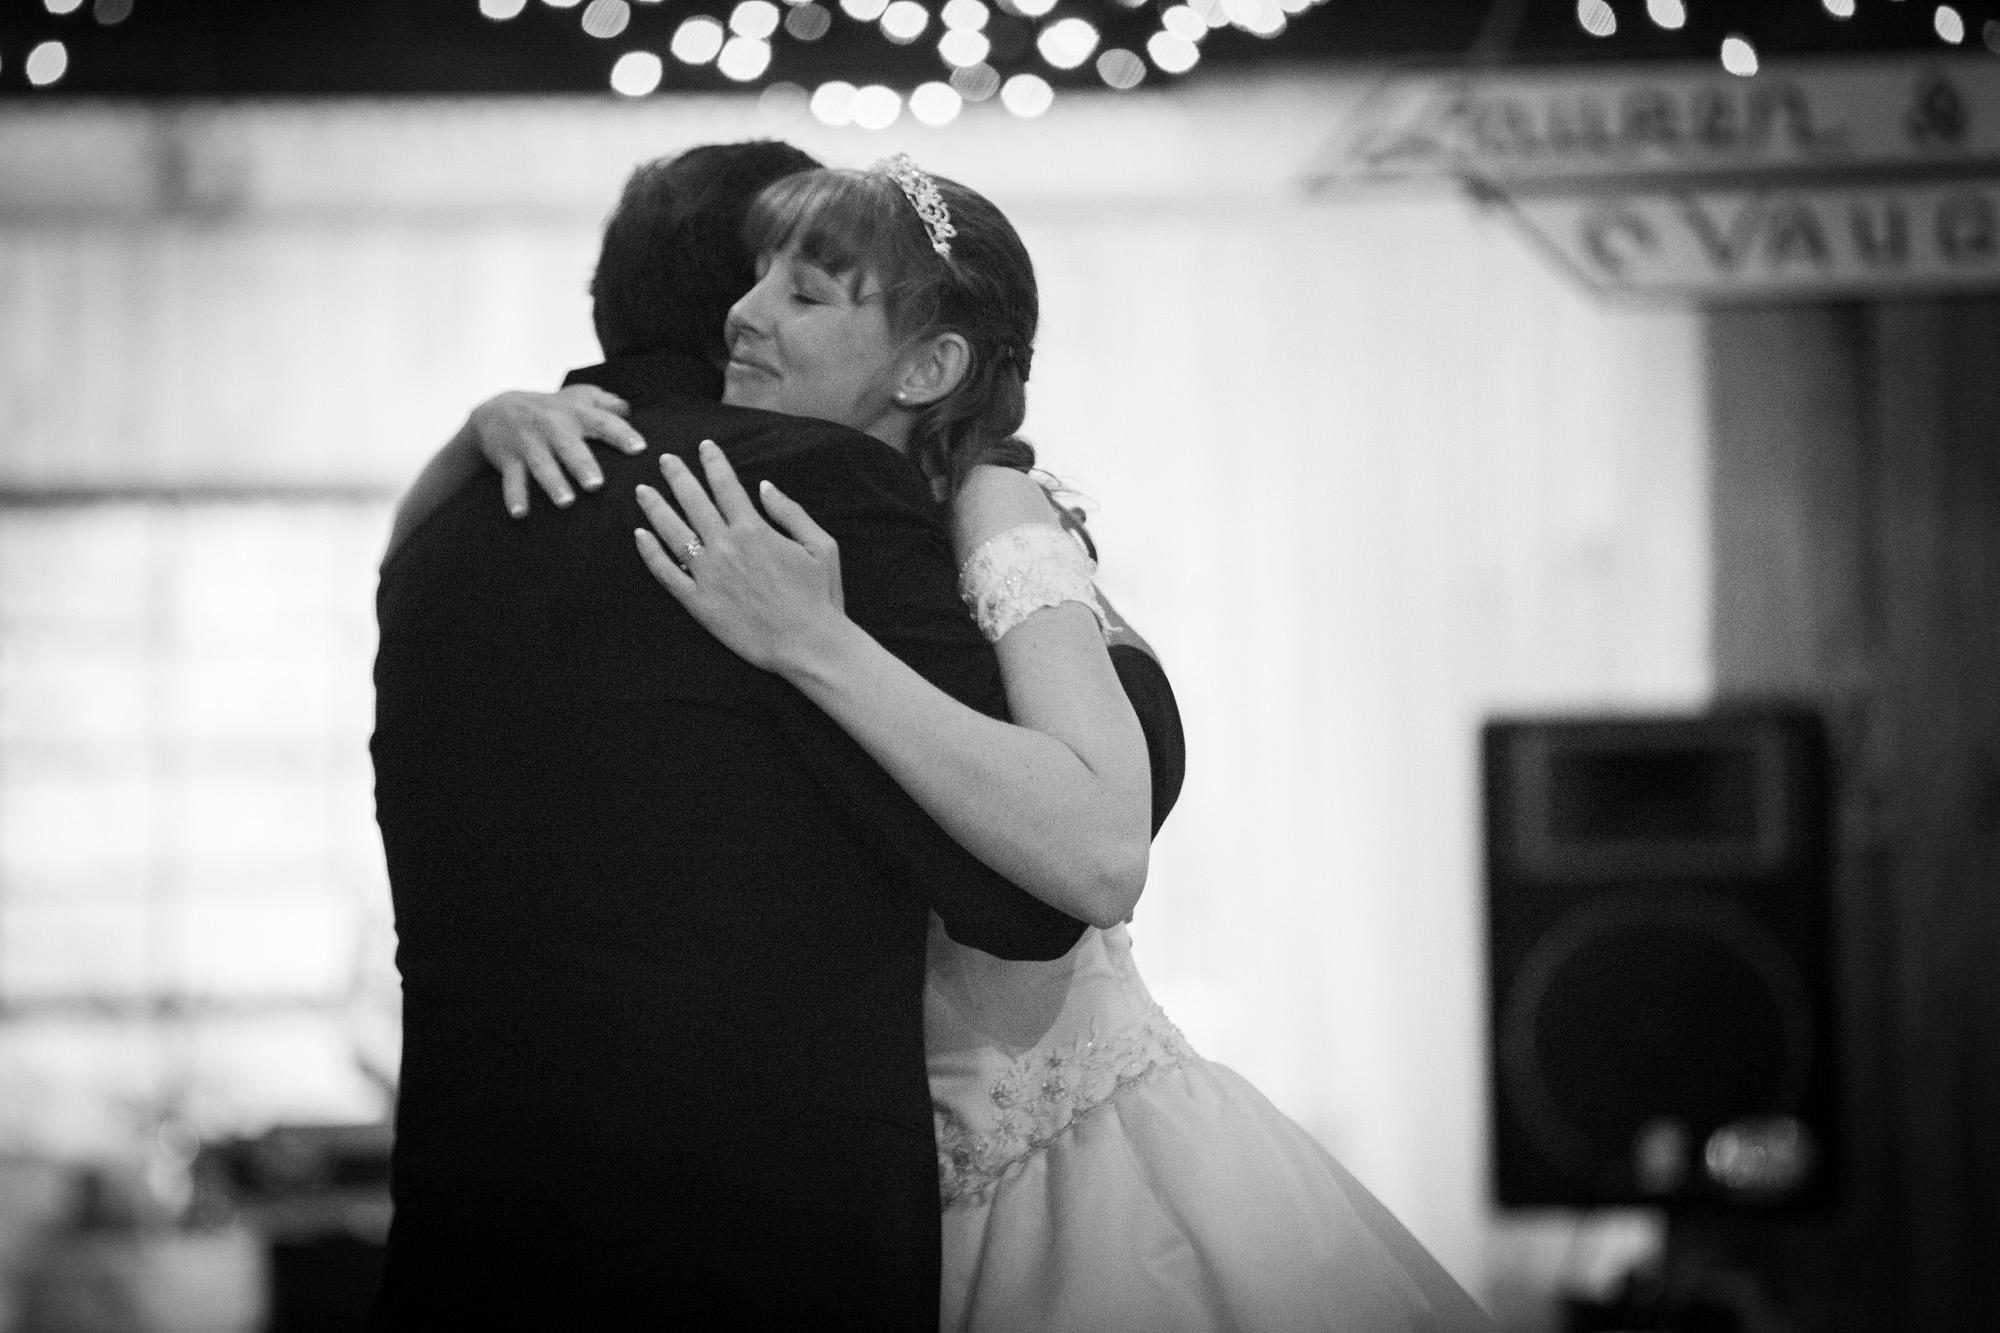 Father daughter dance hug